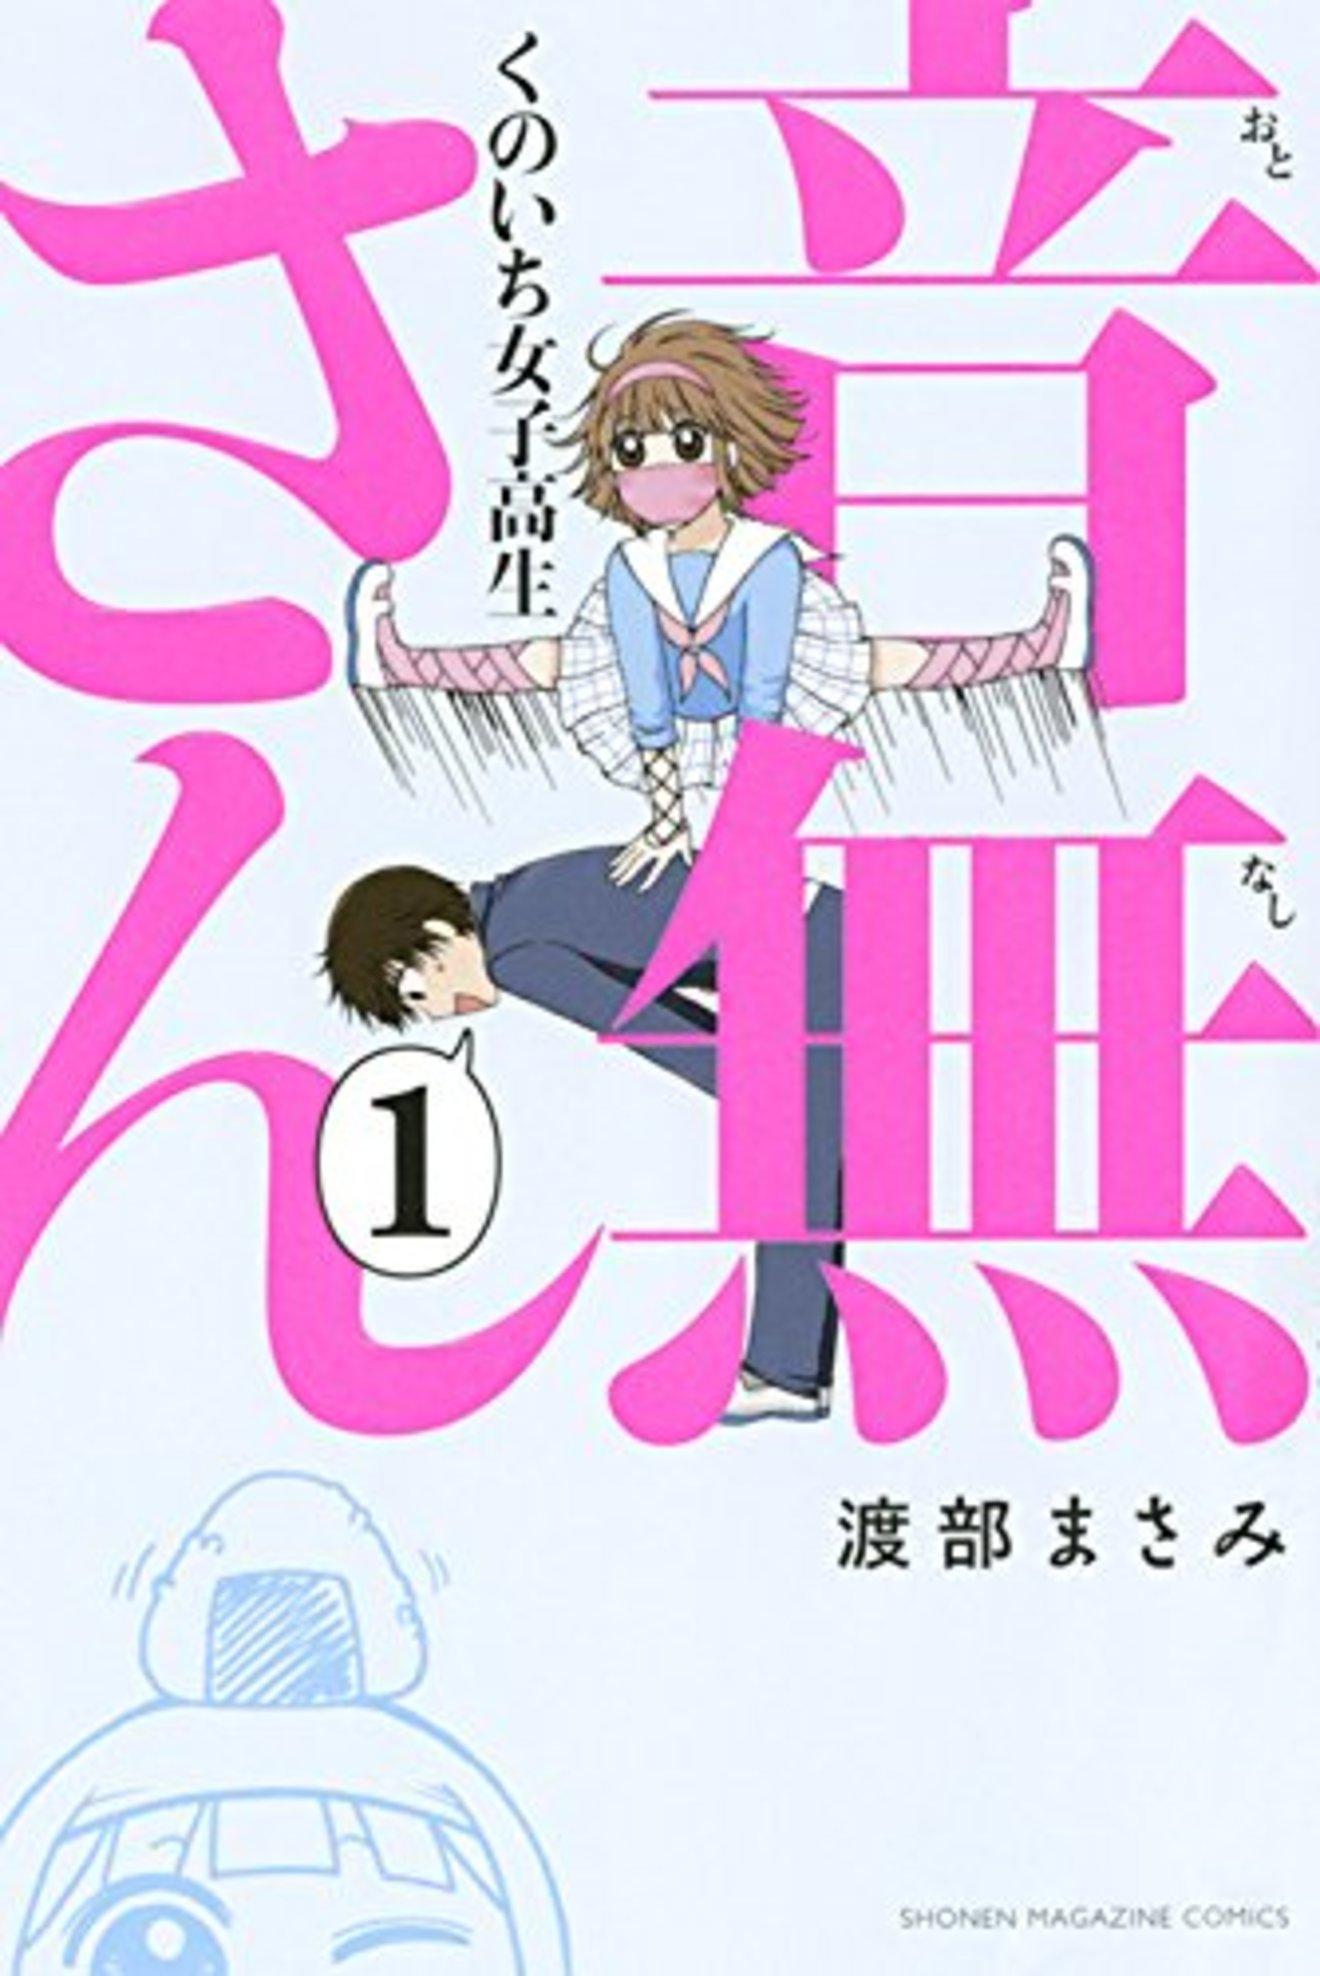 『くのいち女子高生音無さん』の魅力を全巻ネタバレ紹介!面白い!